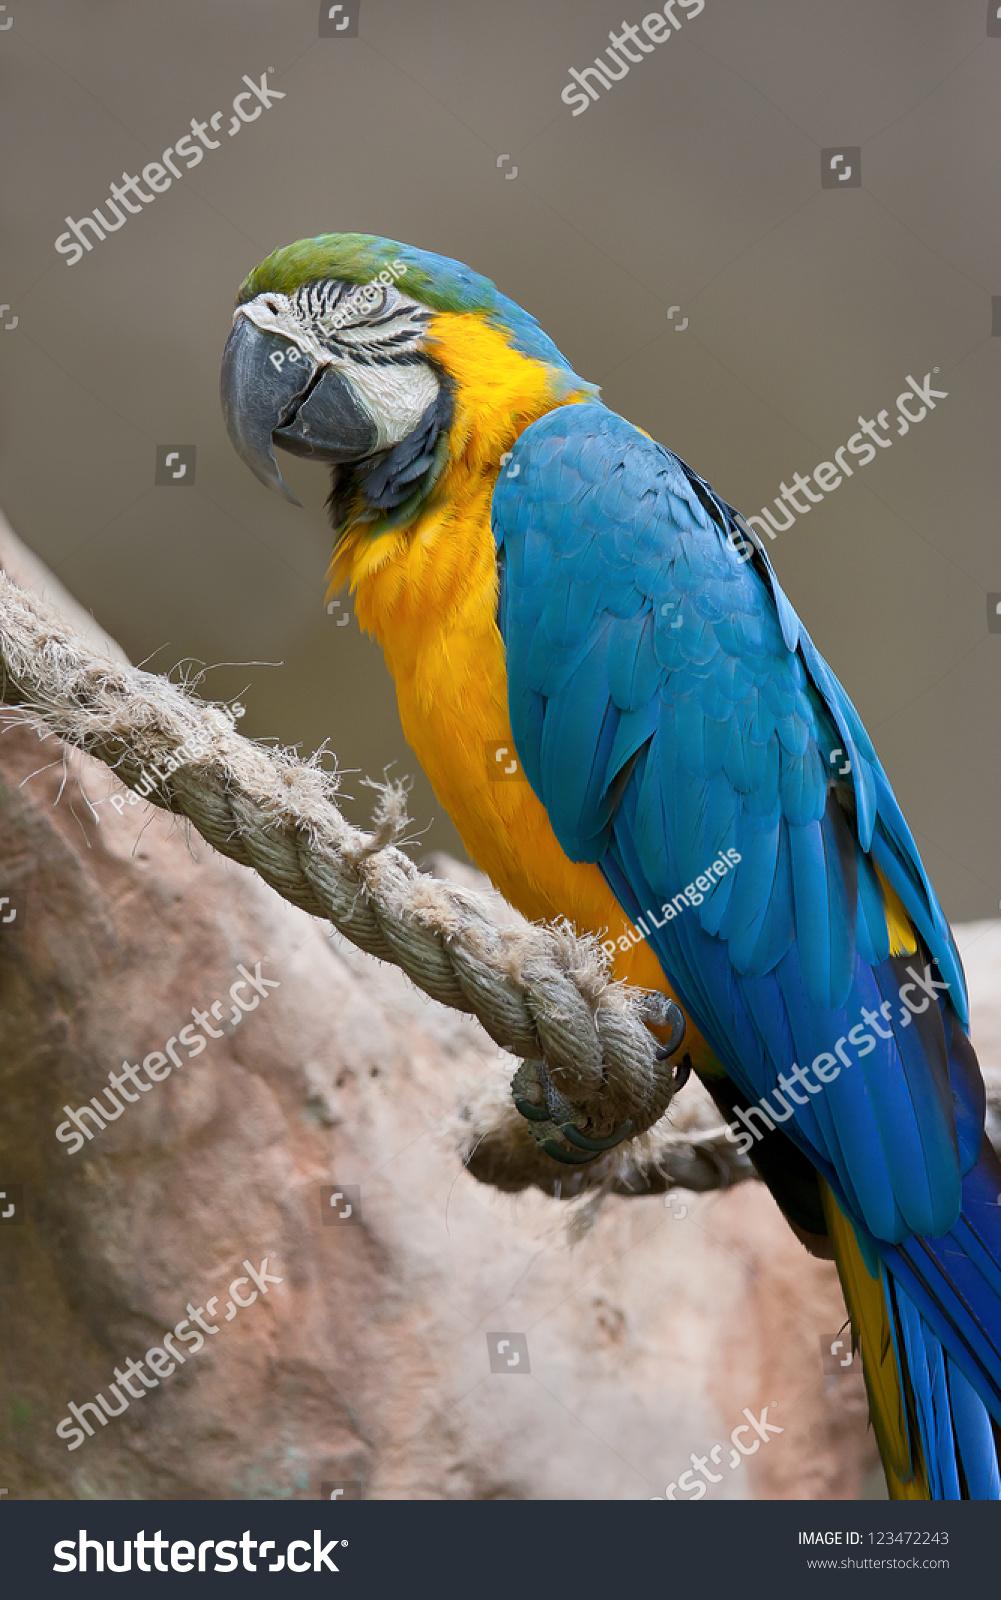 黄色和蓝色鹦鹉栖息在绳子.-动物/野生生物,自然-海洛